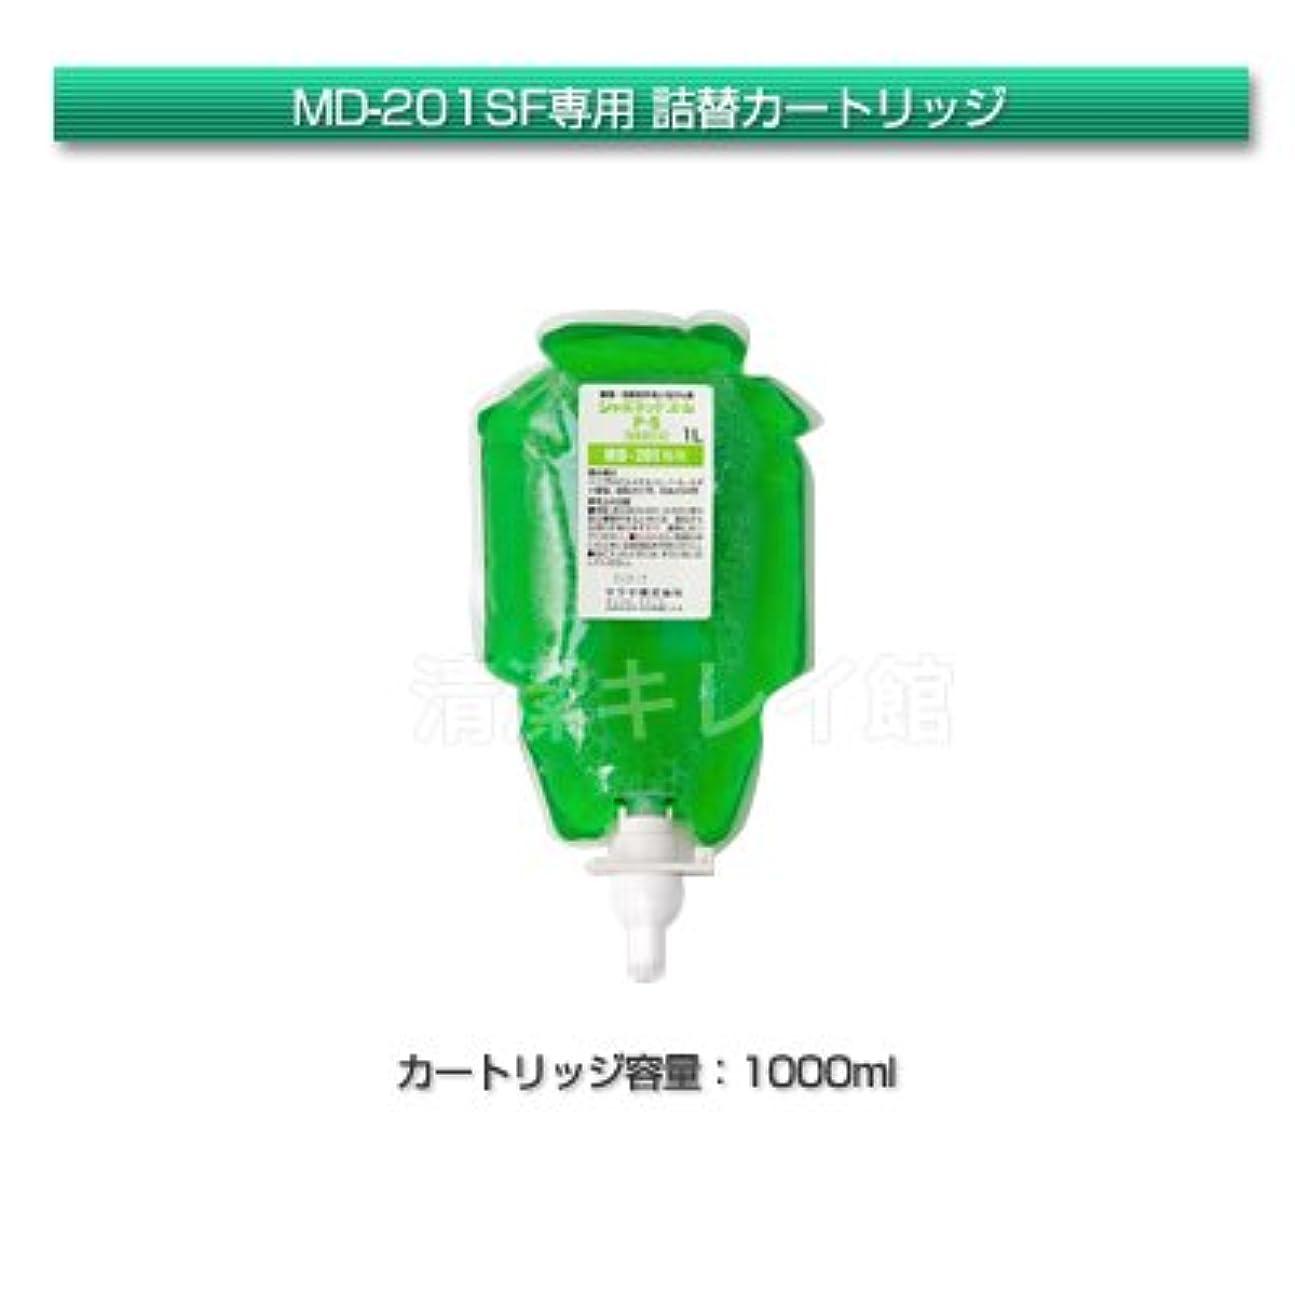 人里離れた寝具合理的サラヤ プッシュ式石鹸液 MD-201SF(泡)専用カートリッジ(ユムP-5)1000ml【清潔キレイ館】